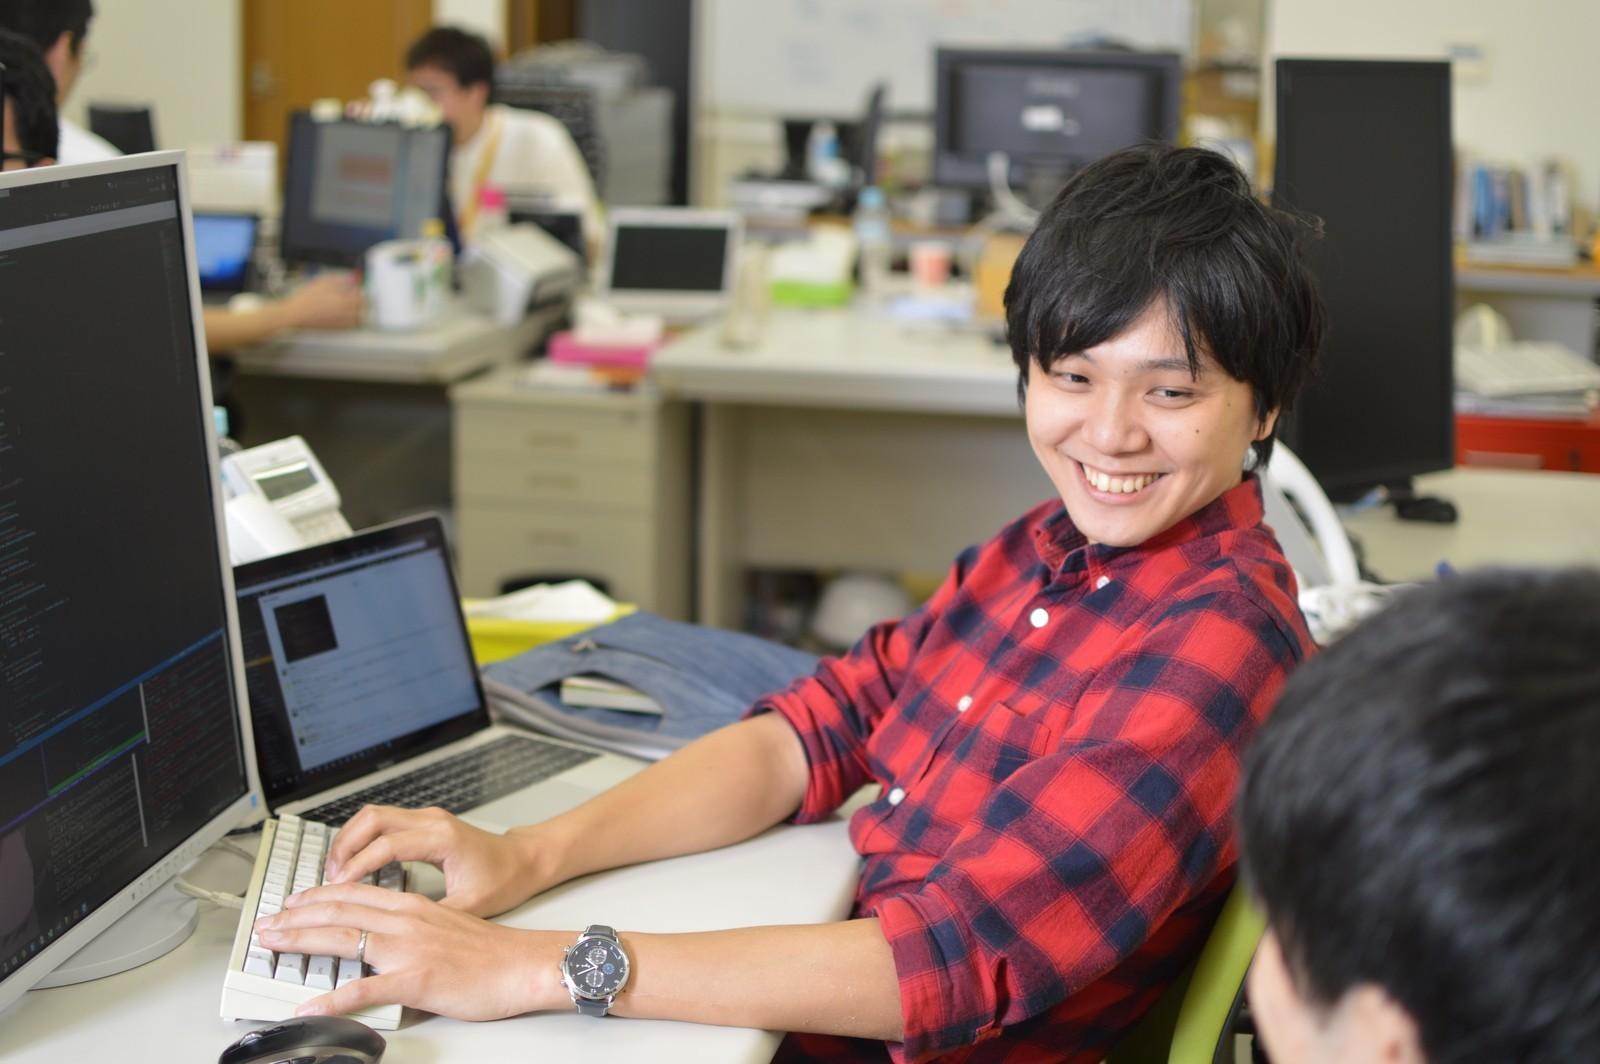 【フロントエンドエンジニア】価値のある自社プロダクトをAngularやVue.jsを使ったモダンな技術で開発したいフロントエンドエンジニアを募集!